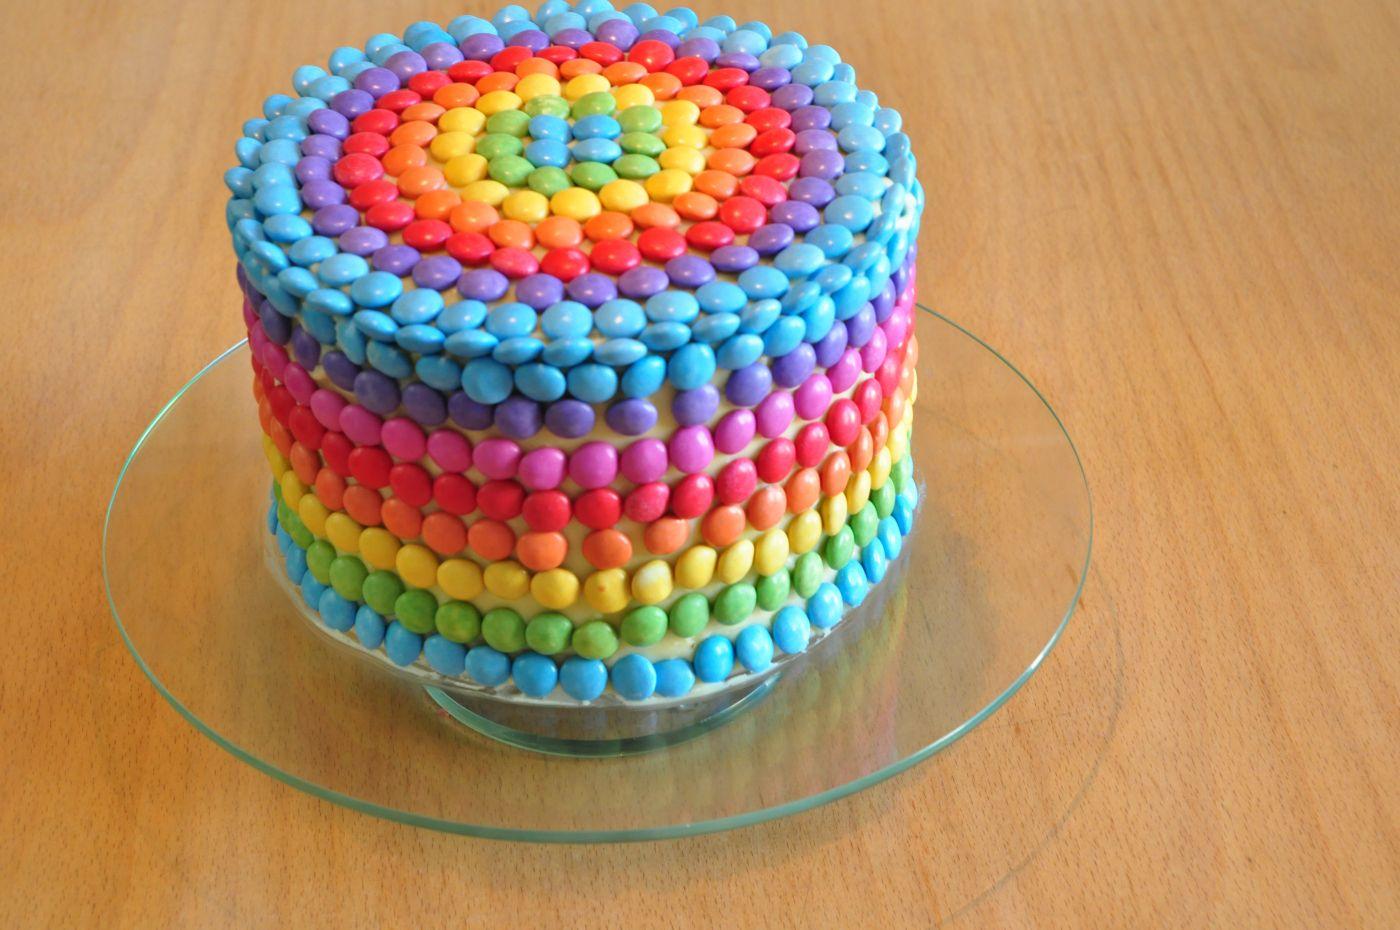 rainbow-Cake german recipe // Regenborgen-Torte mit Rezept  sehr lecker :)